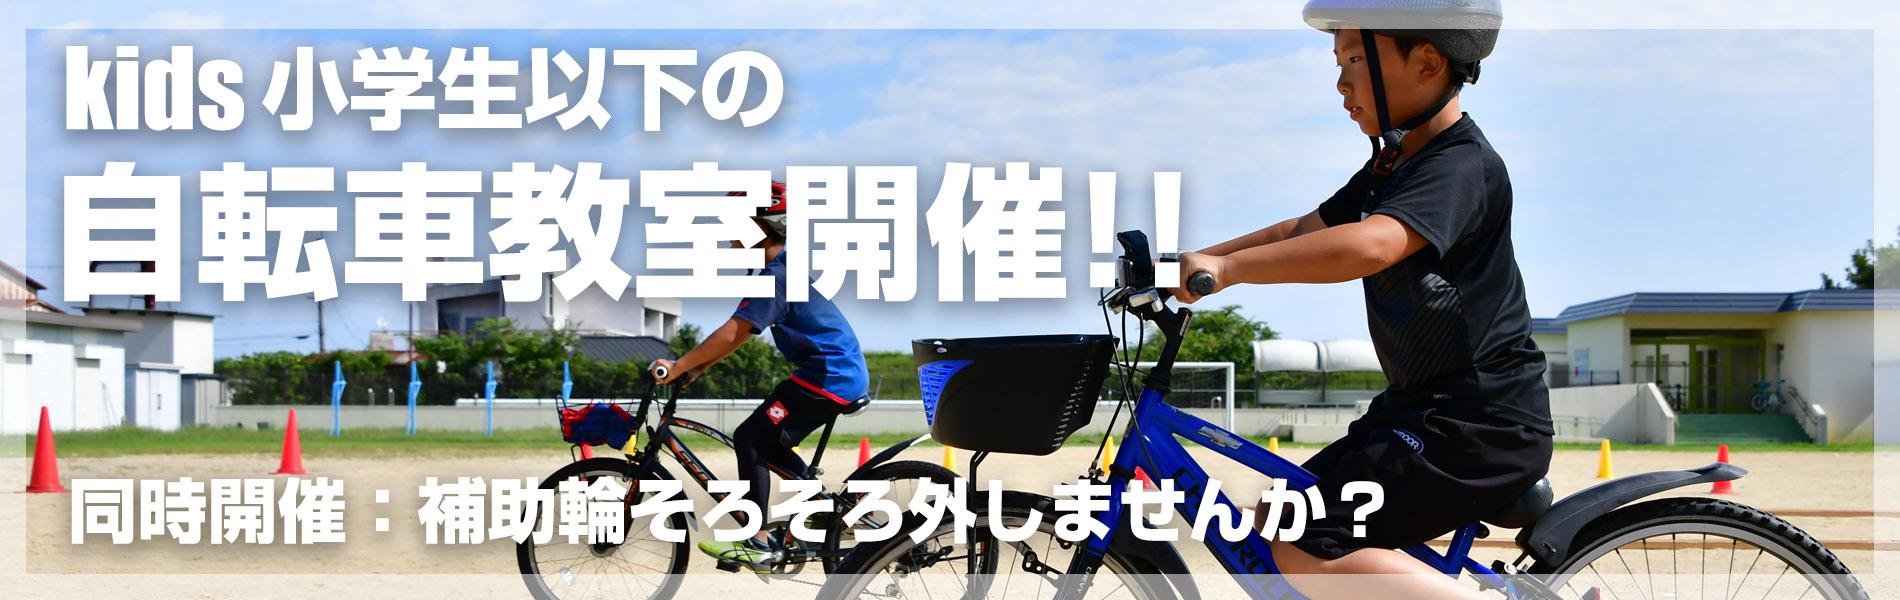 キッズ自転車教室〜同時開催:補助輪そろそろ外しませんか?〜